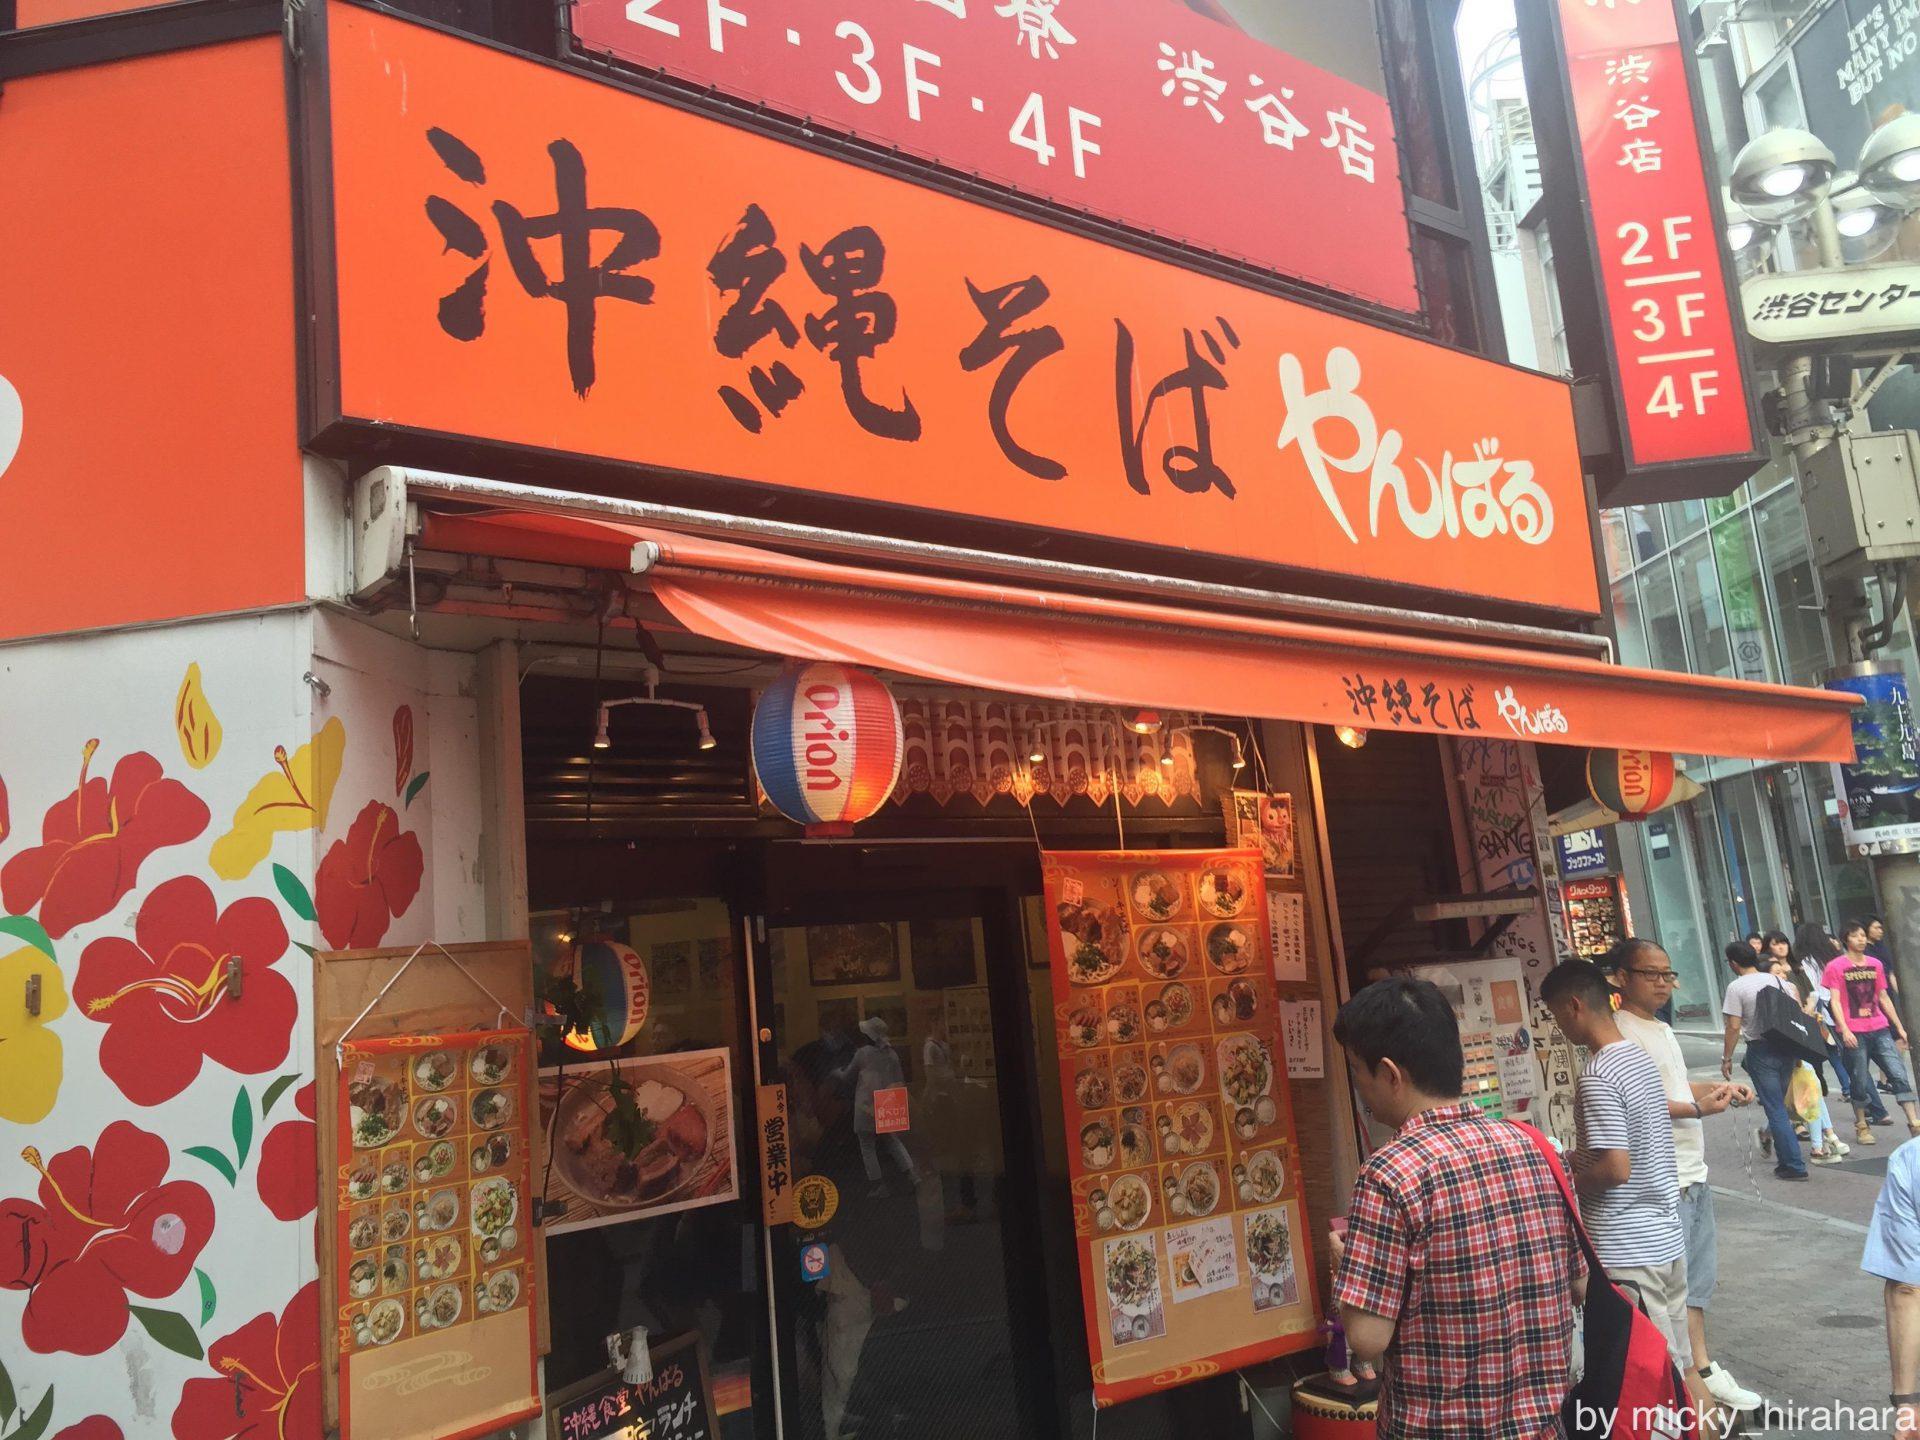 やんばる渋谷店:お手軽に沖縄料理を楽しめる!飲んだ後の〆にも最適だよ!